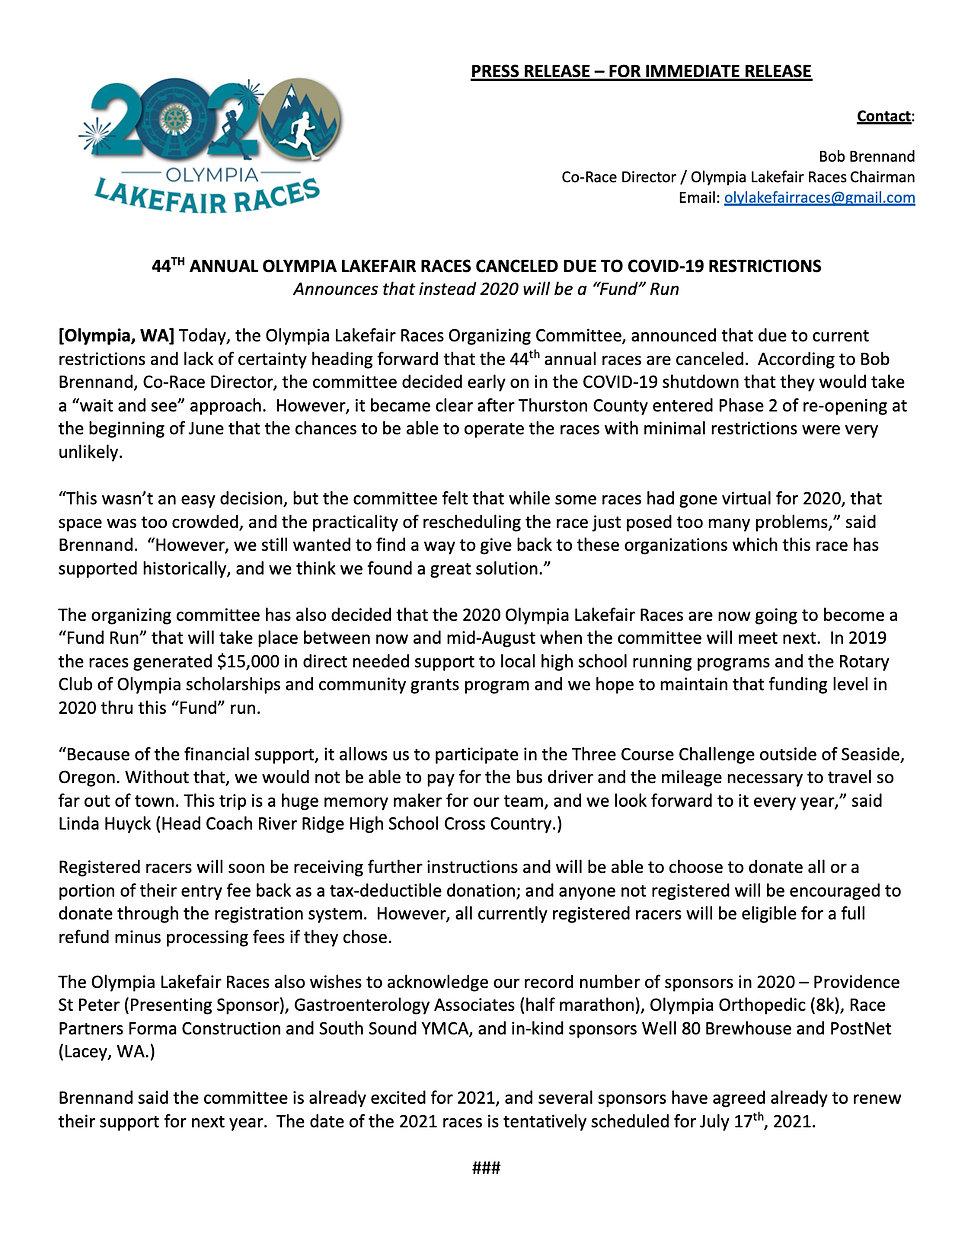 Canceling Press Release.Final.jpg